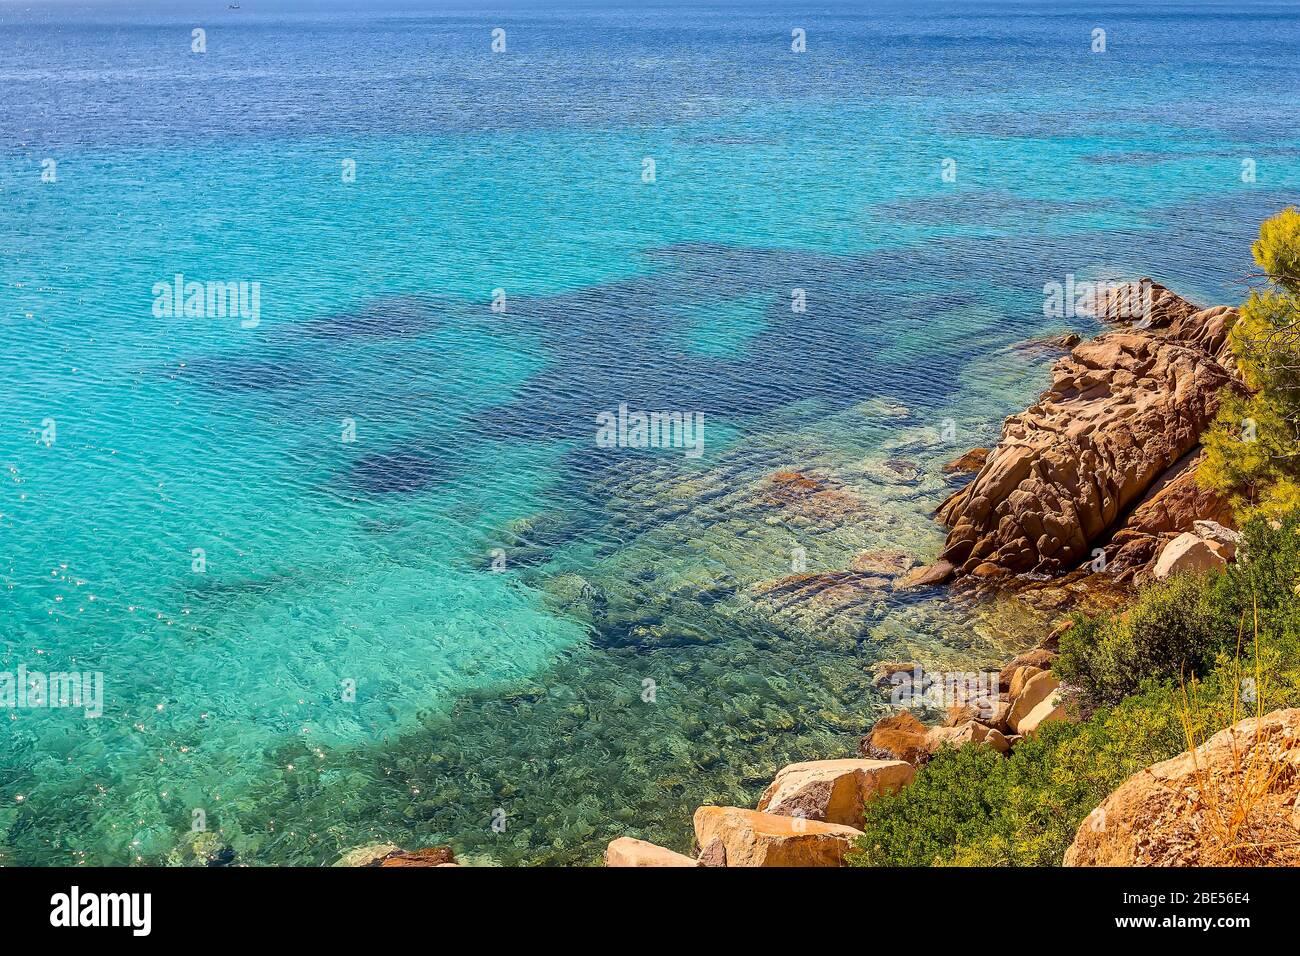 Naturaleza azul turquesa claro mar agua fondo de vacaciones con y piedra playa orilla Foto de stock